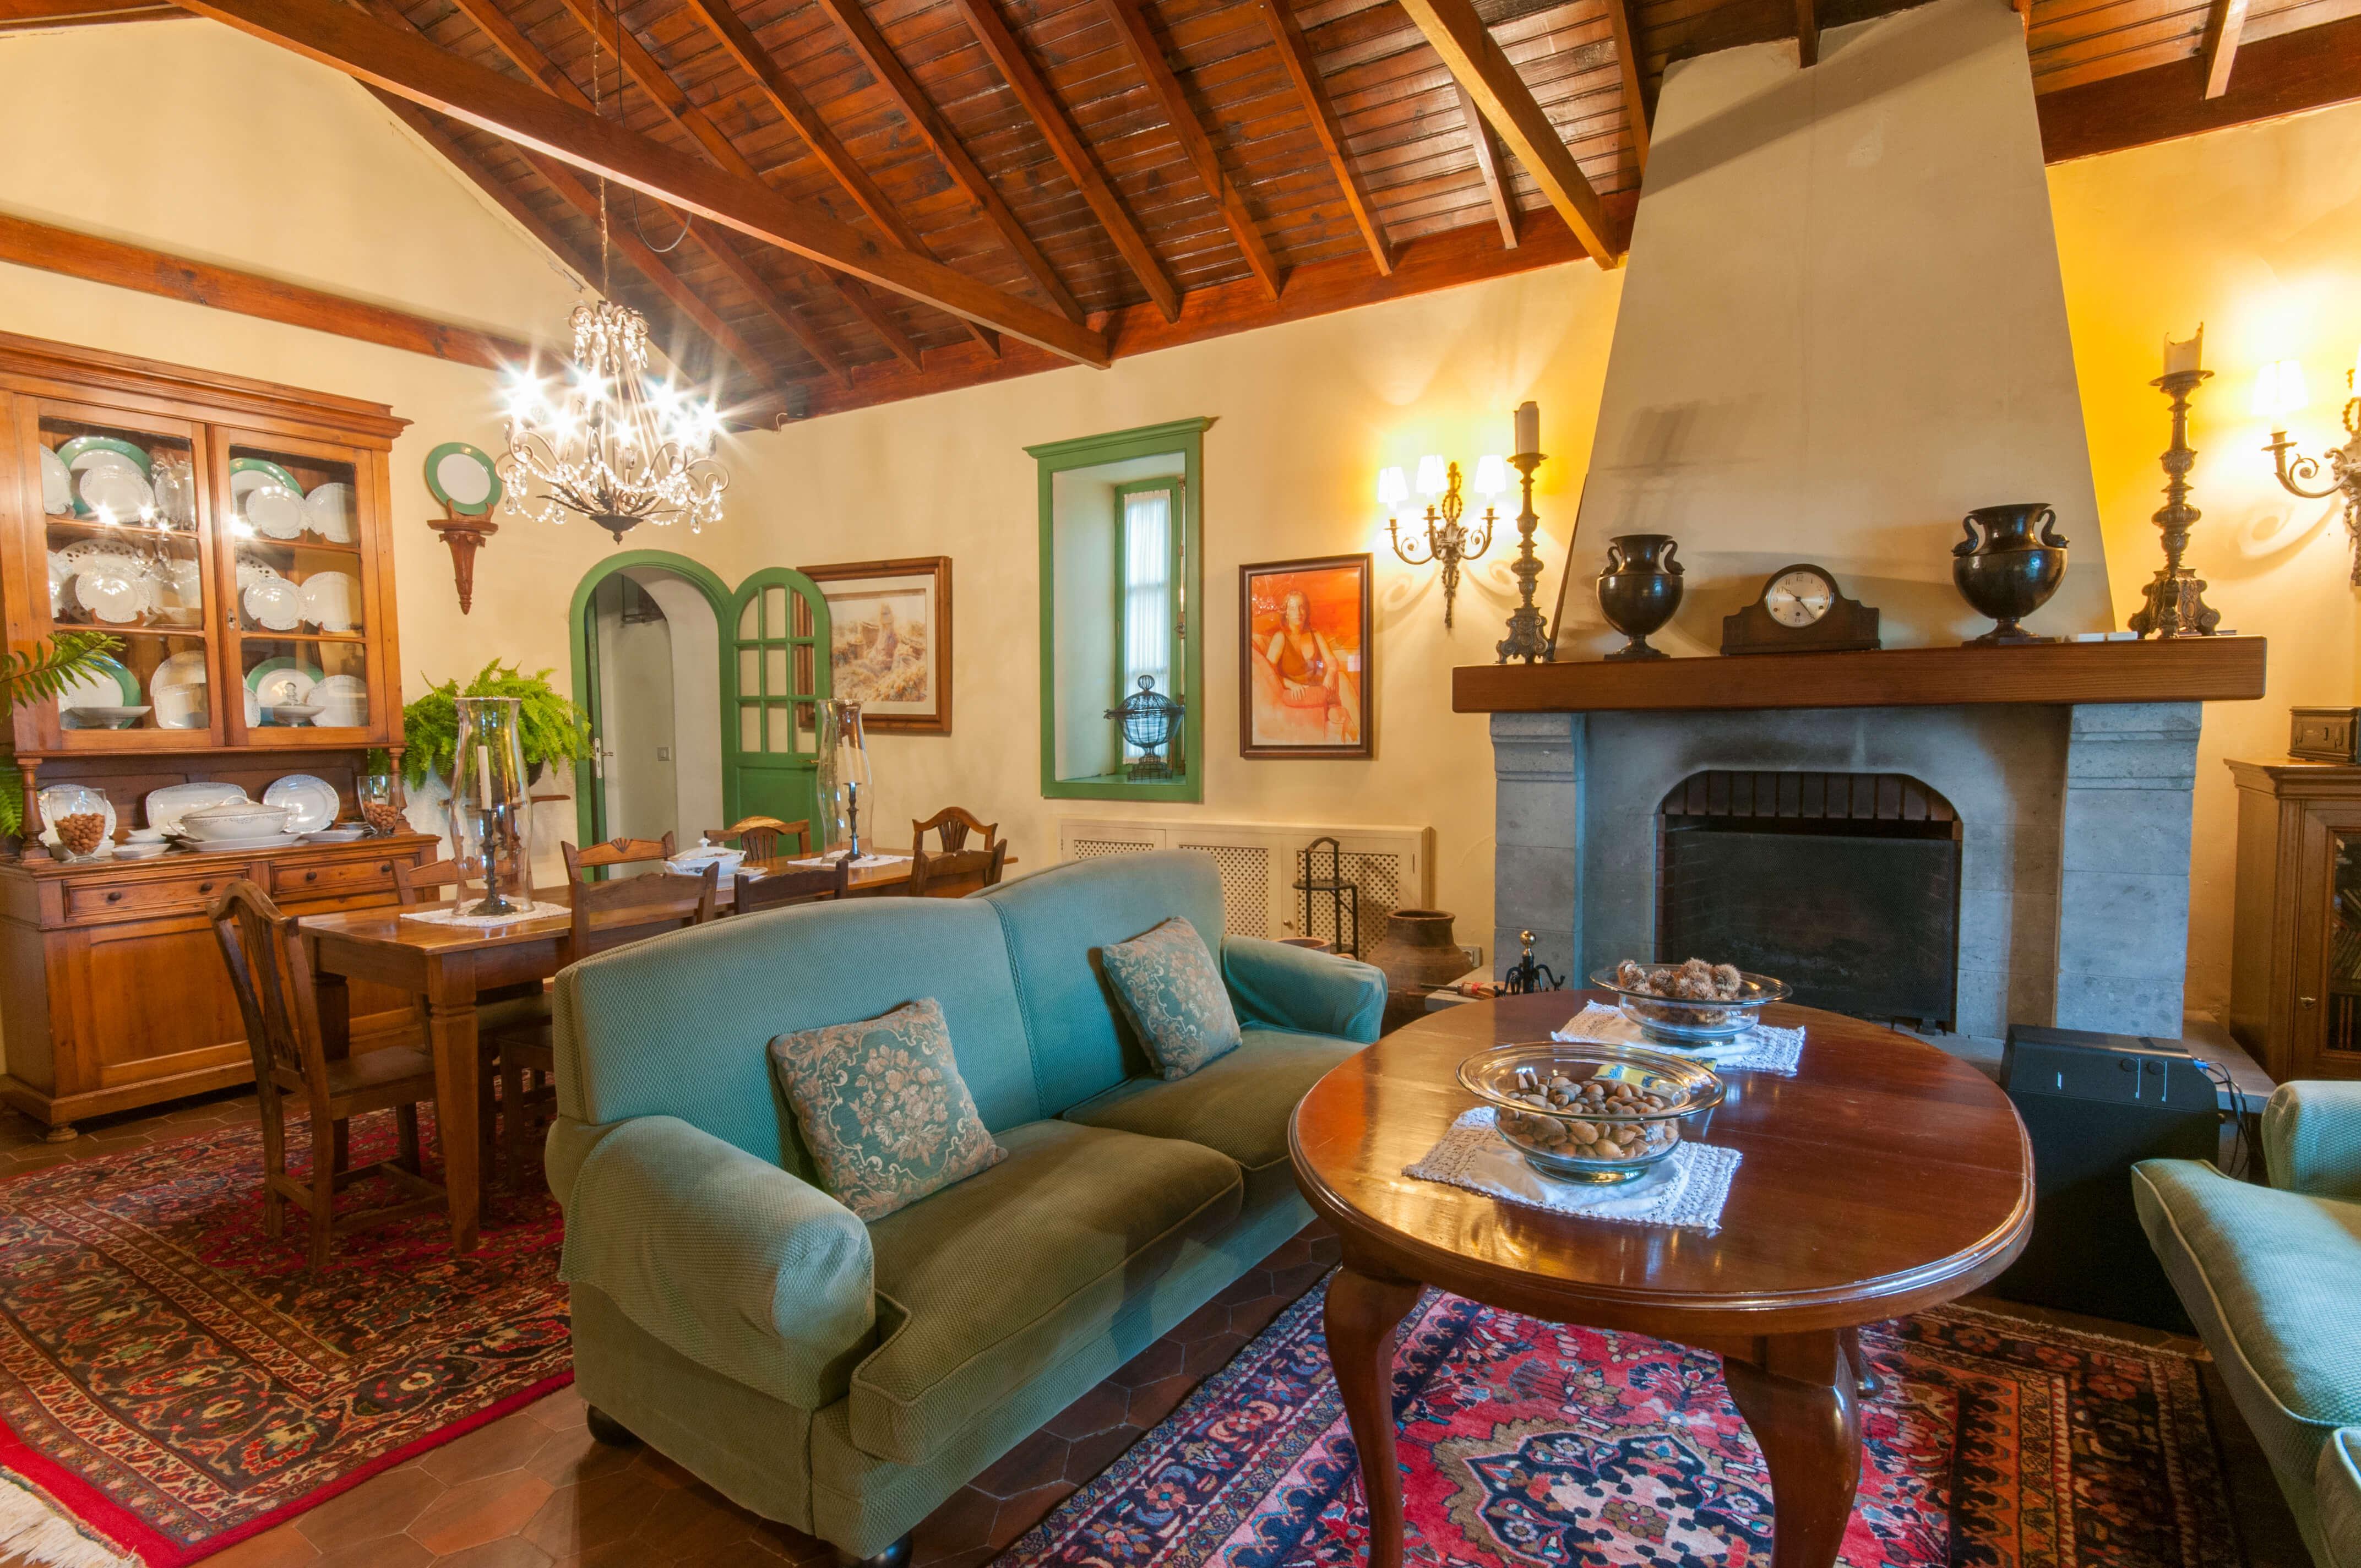 Ferienhaus Großes Ferienhaus in San Mateo (2303726), Vega de San Mateo, Gran Canaria, Kanarische Inseln, Spanien, Bild 4